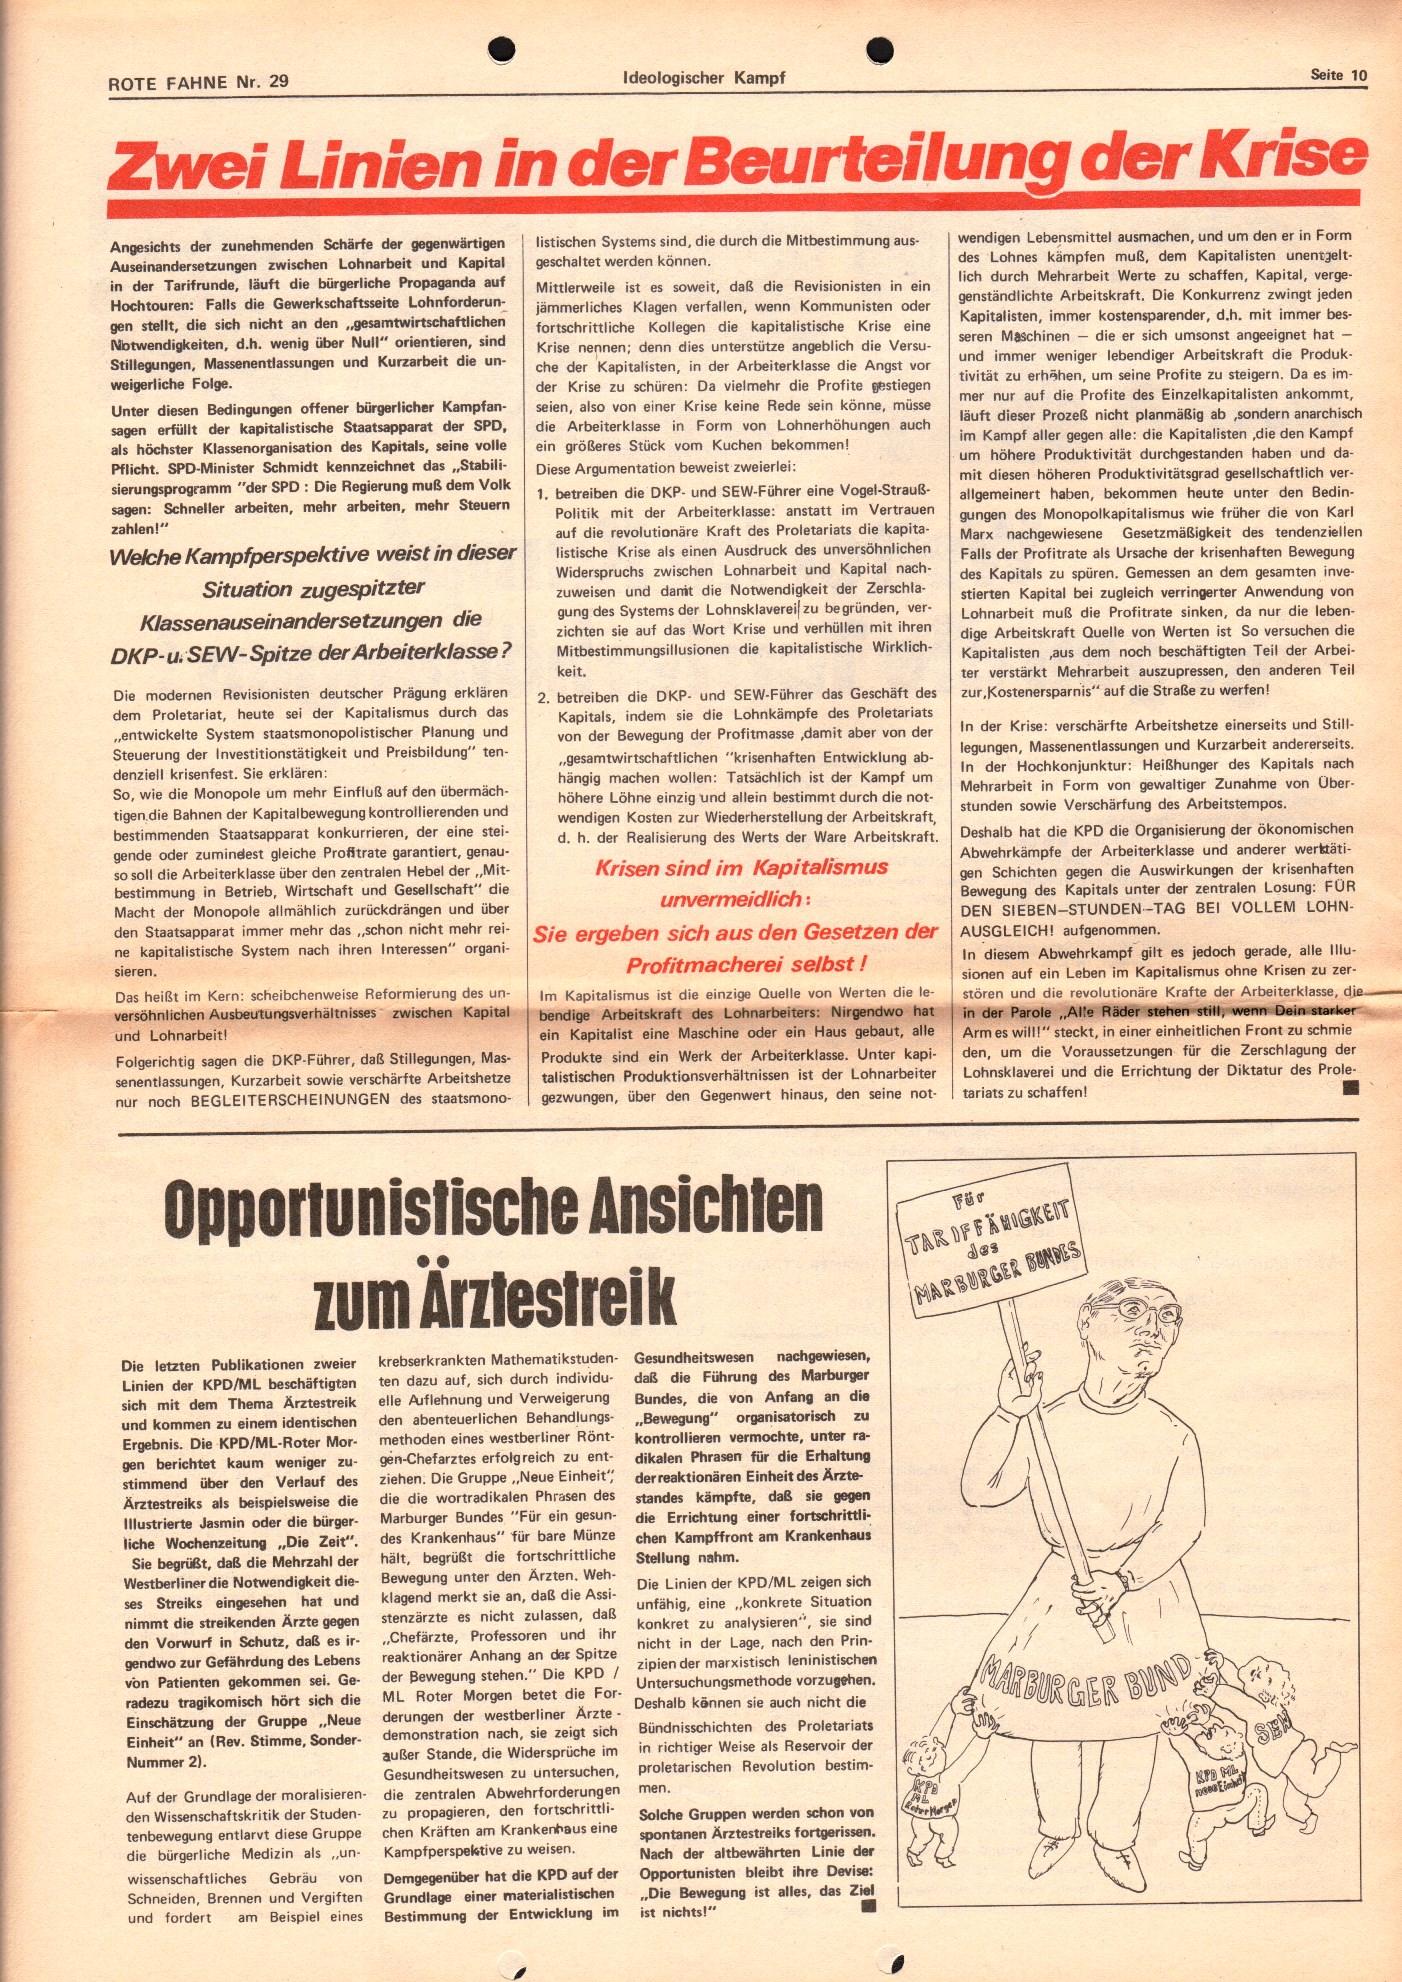 KPD_Rote_Fahne_1971_29_10